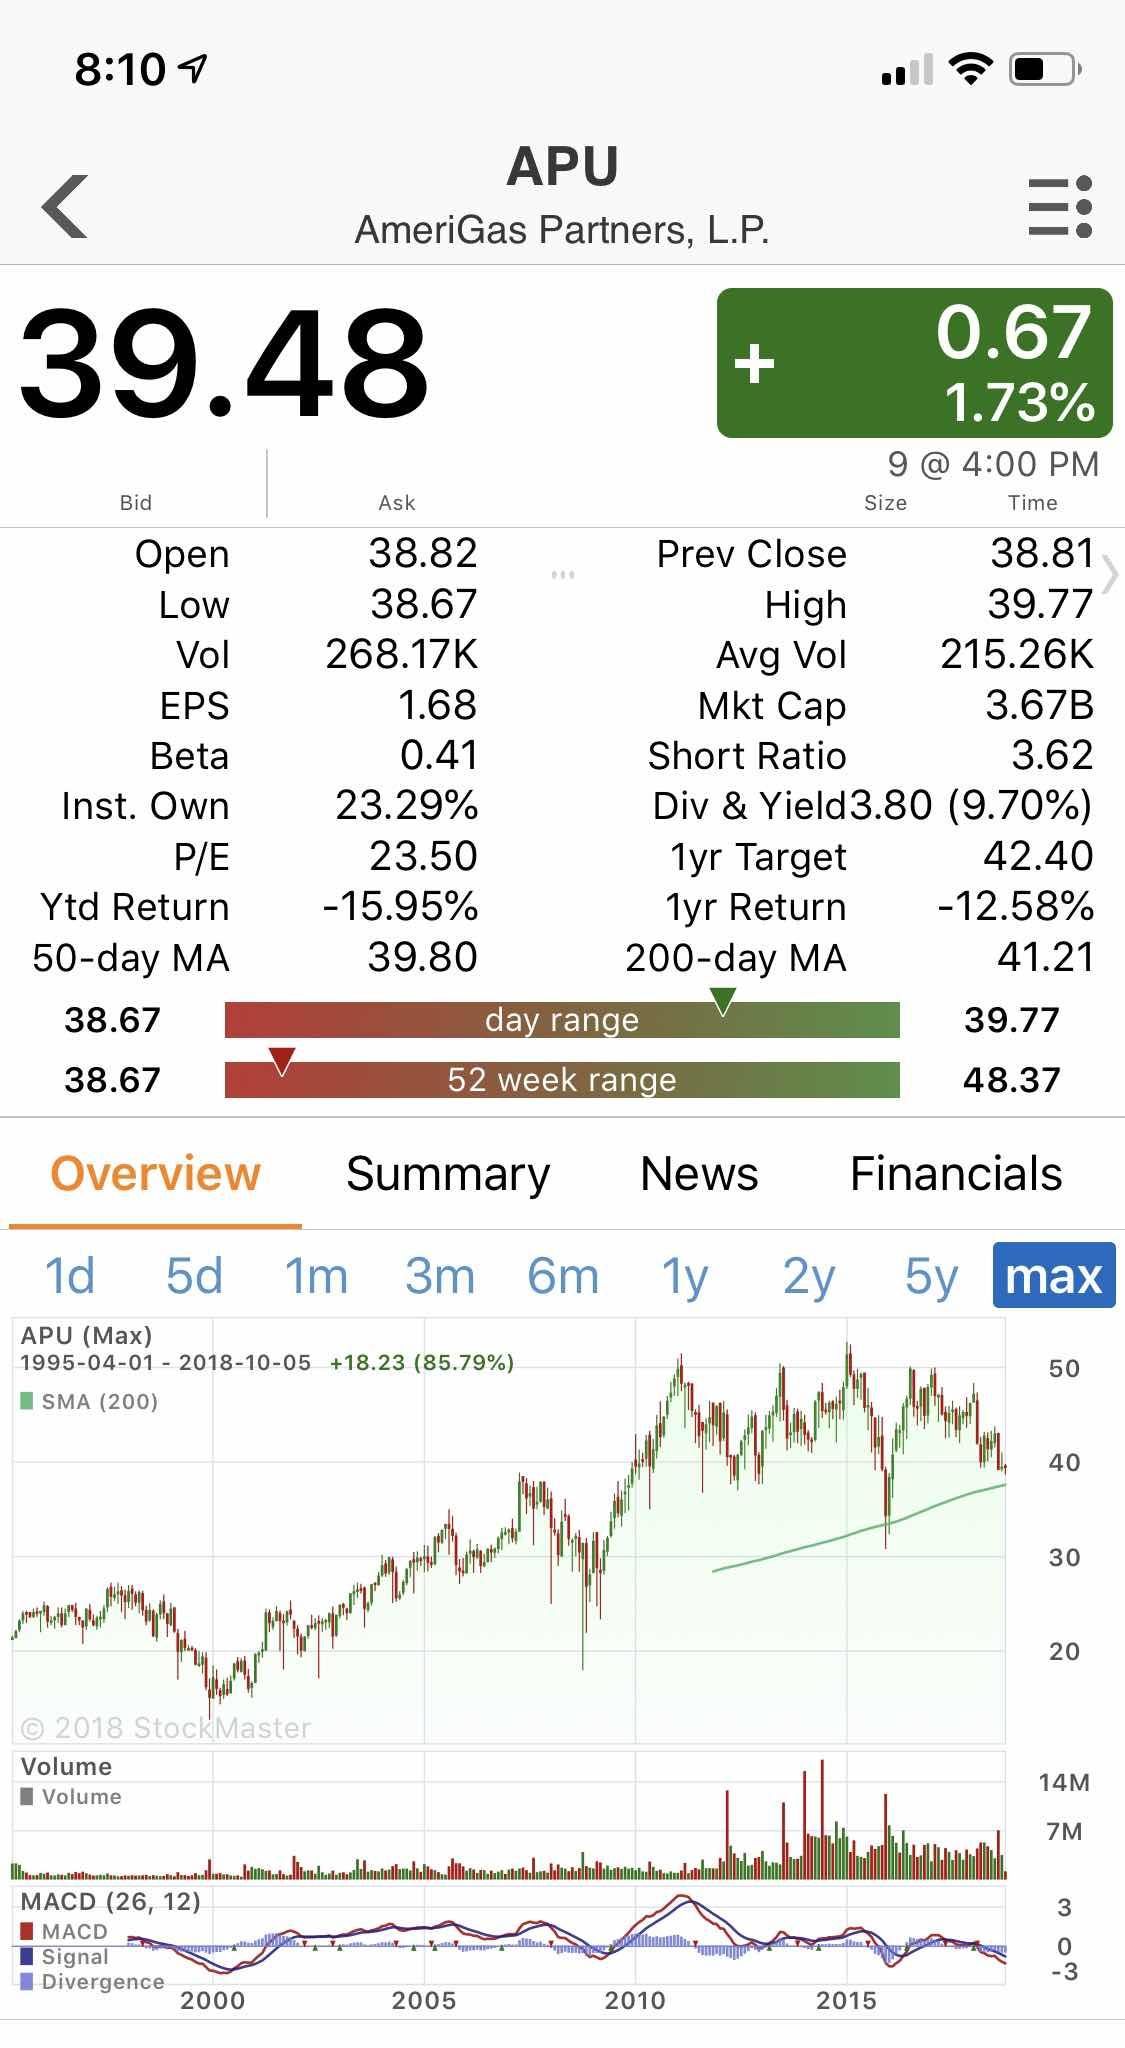 $APU Key Statistics